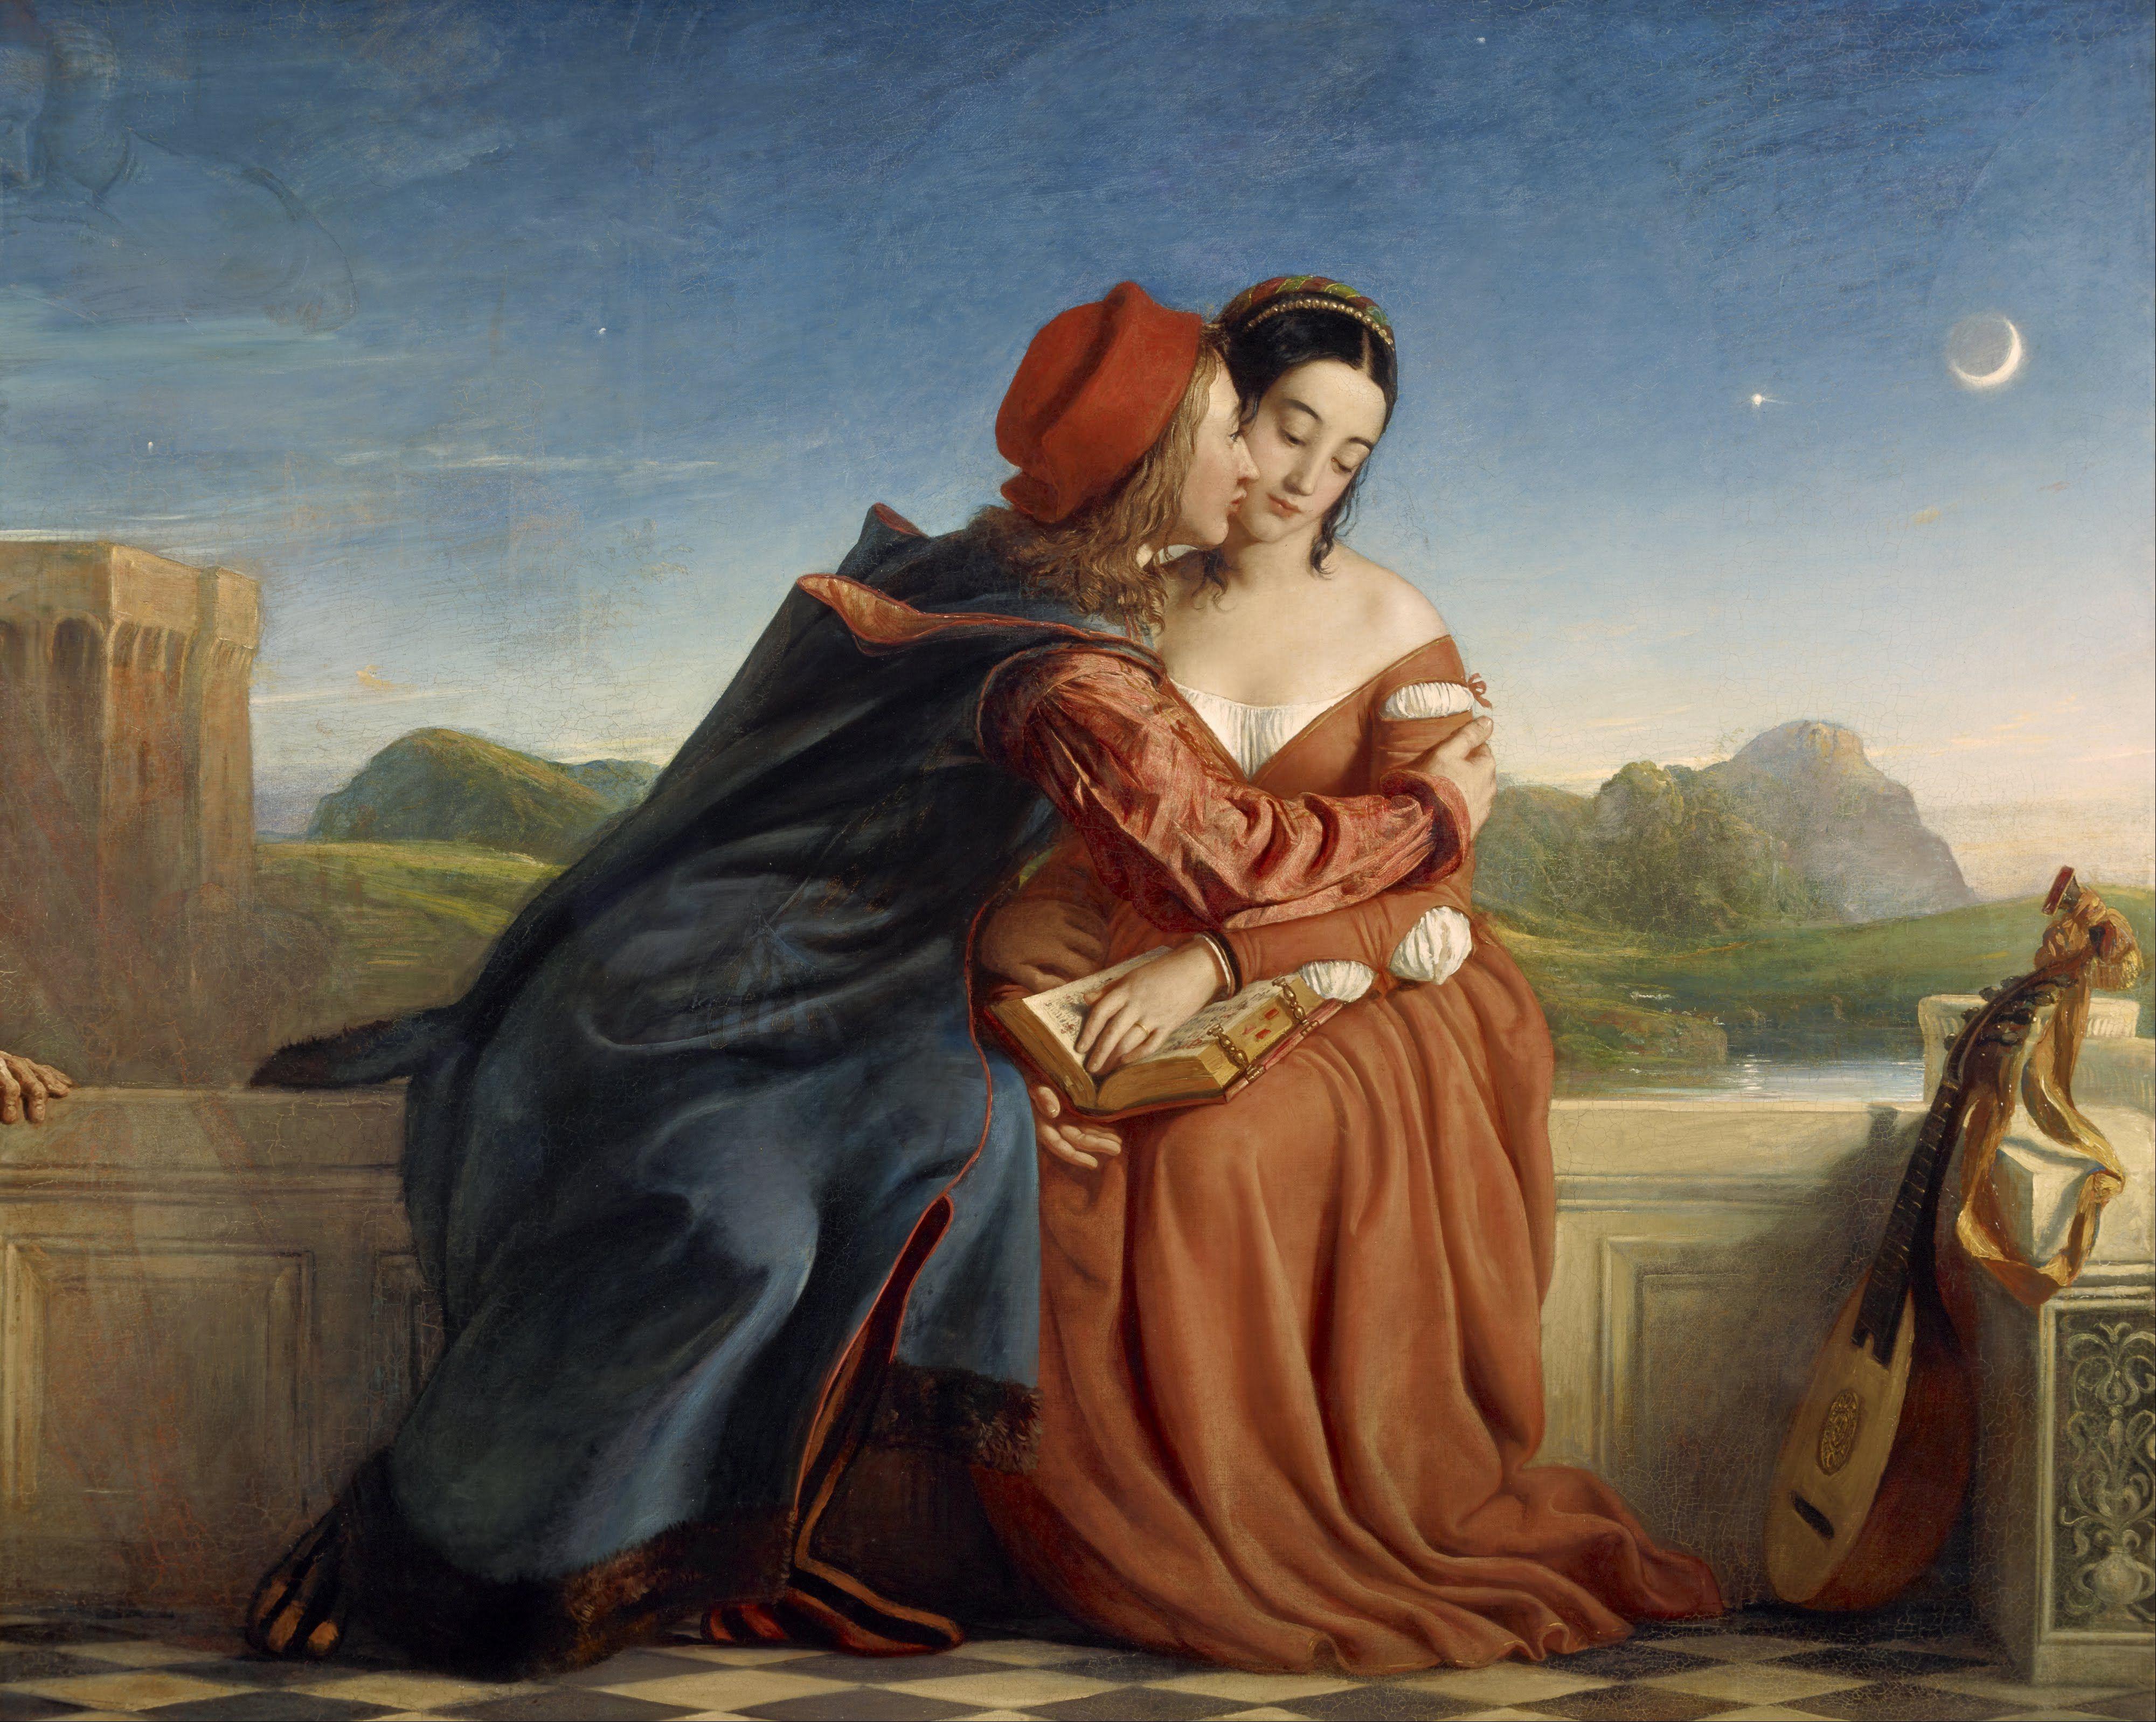 Francesca de Rimini y Paolo Malatesta, 1837, del pintor escocés William Dyce